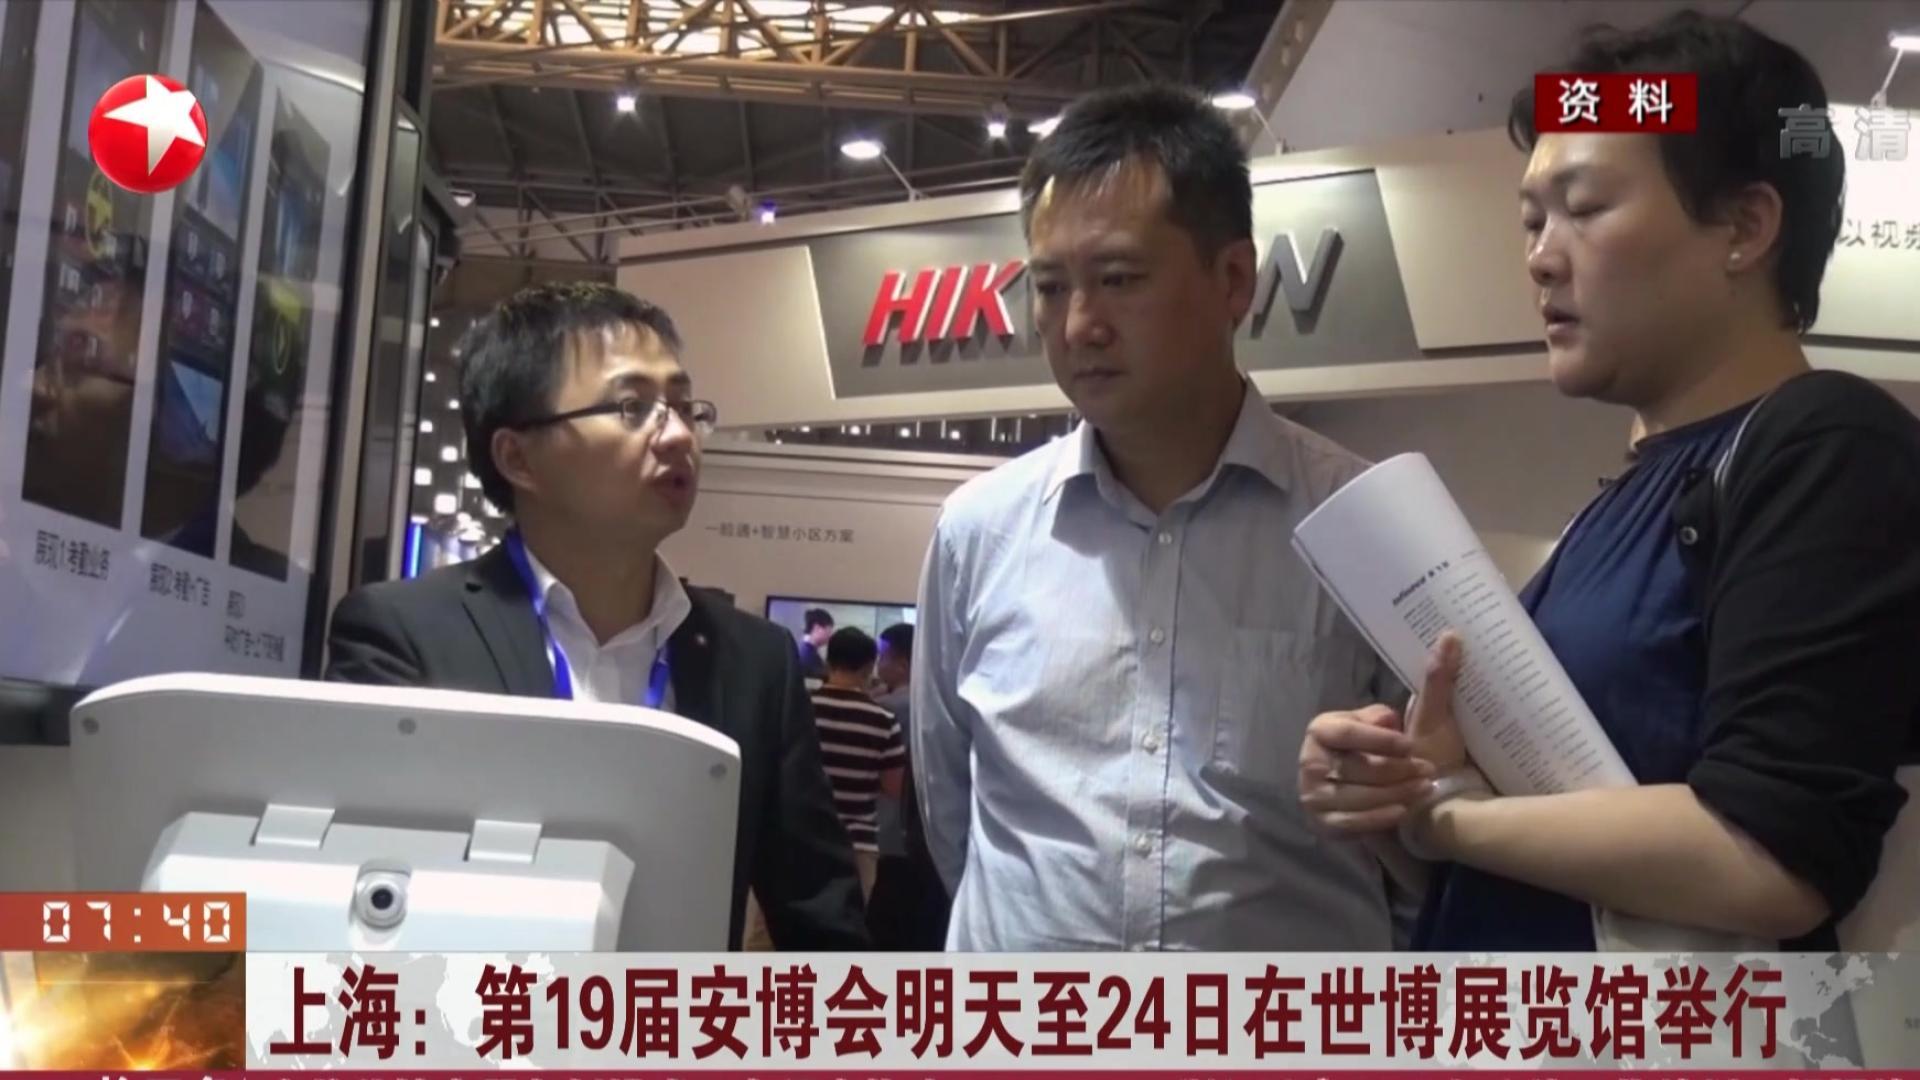 上海:第19届安博会明天至24日在世博展览馆举行